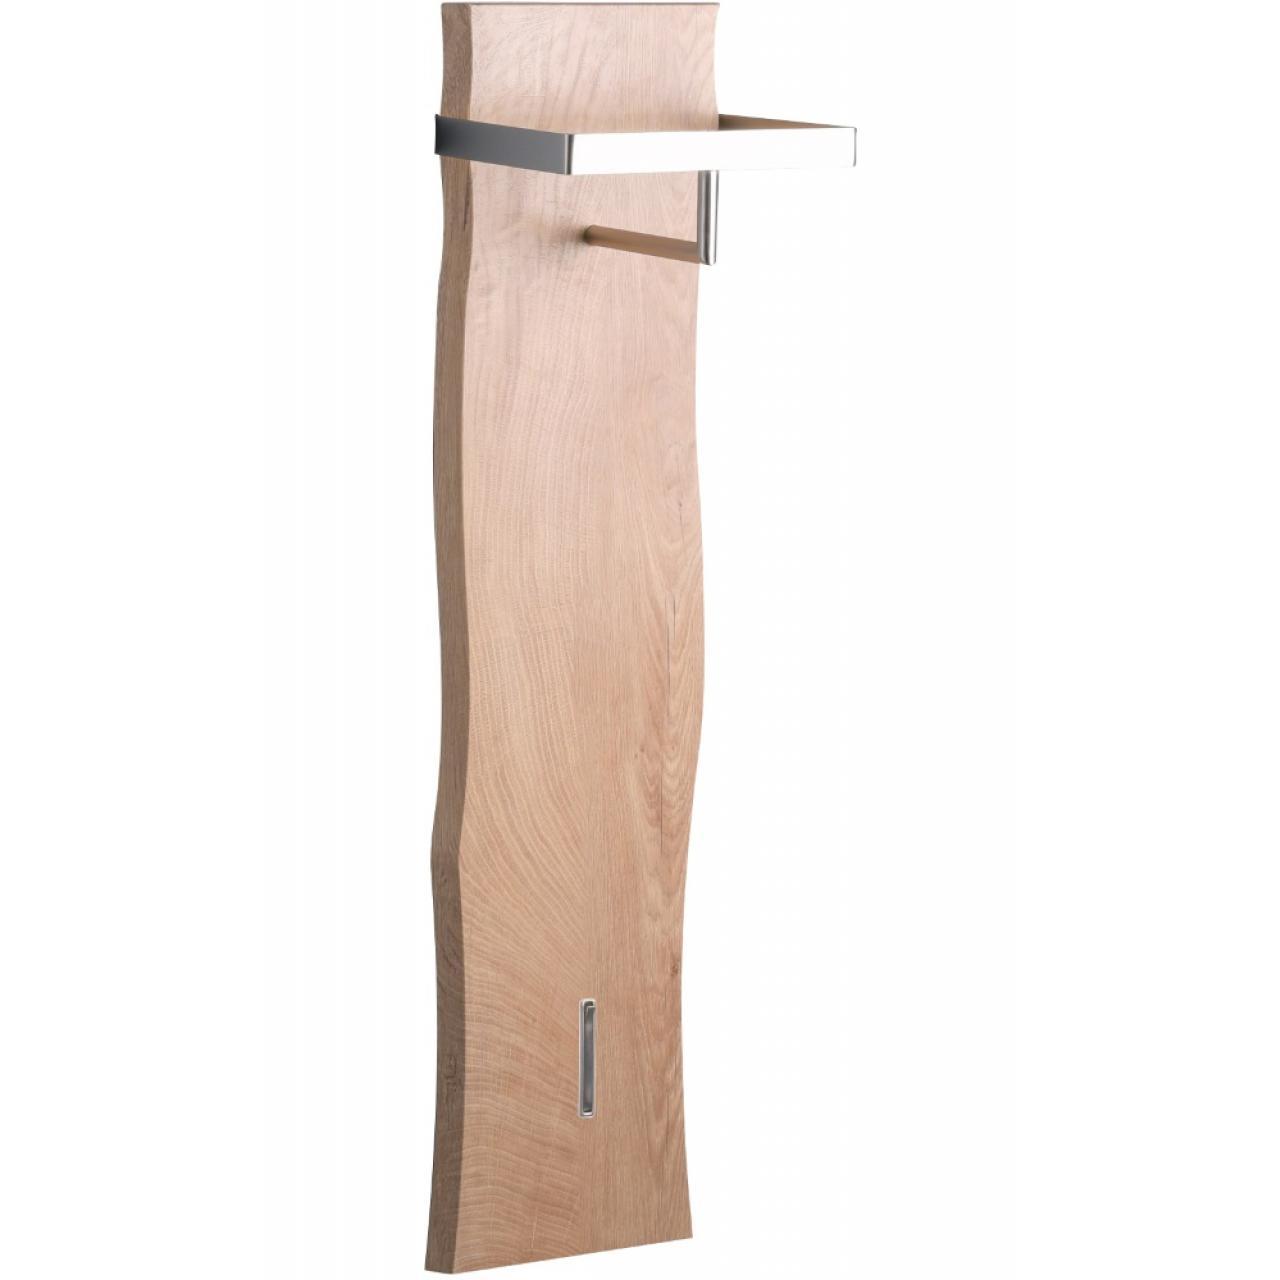 Garderobe Zürs 1 mit Baumkante - Eiche Dekor